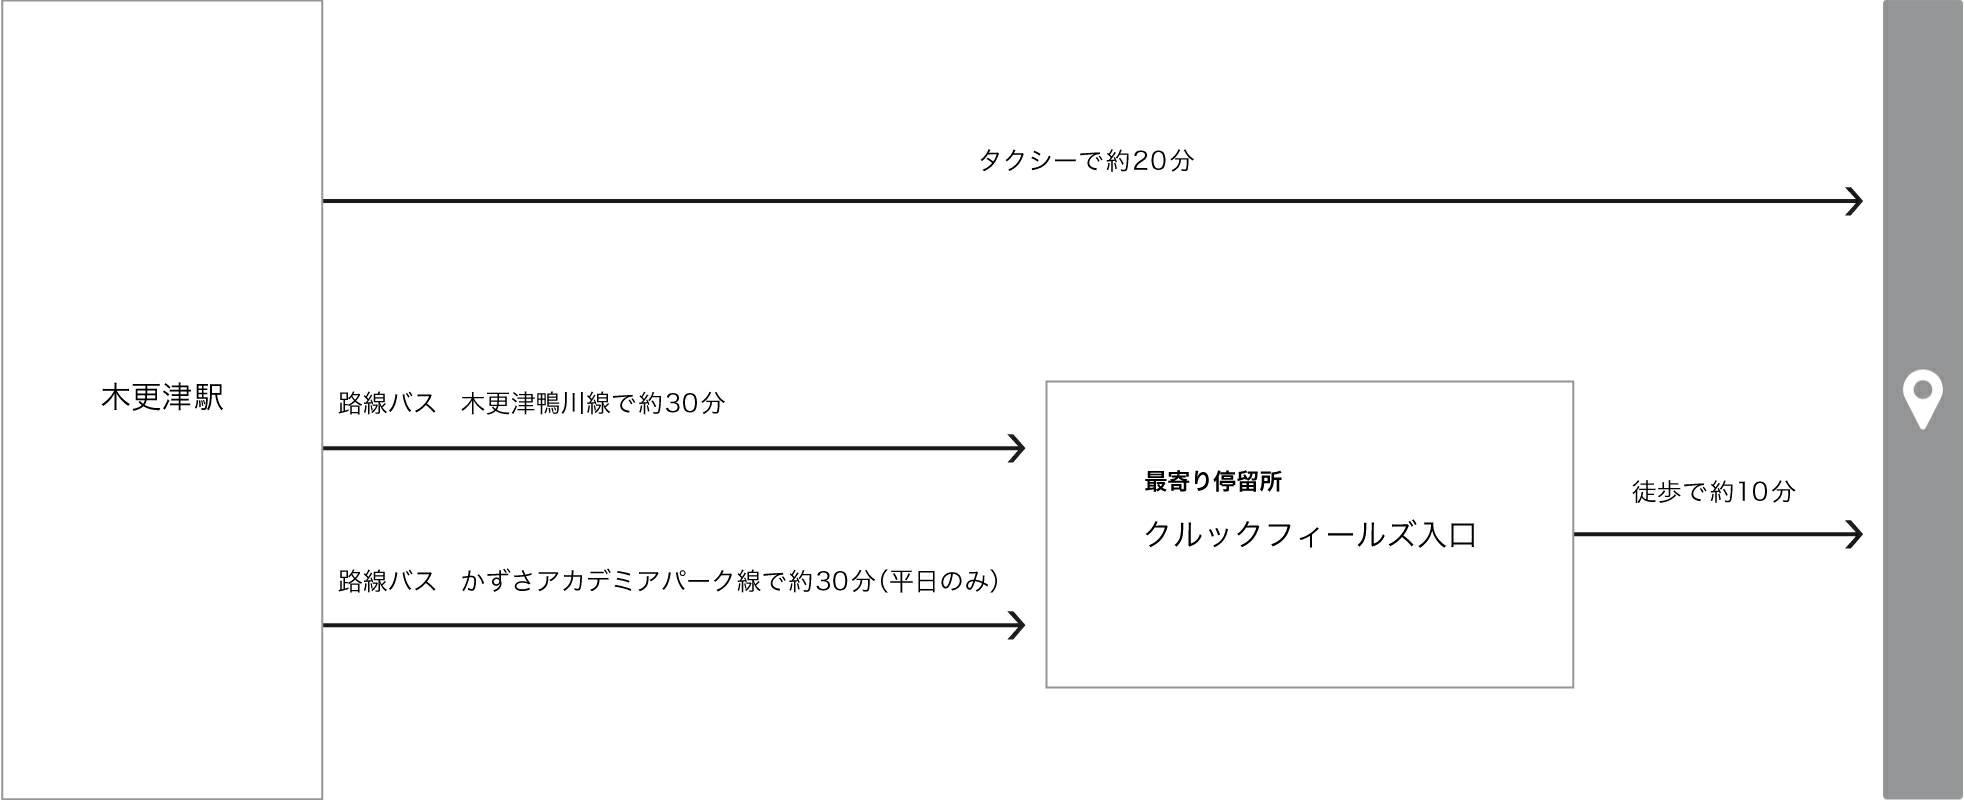 JR 木更津駅からの路線バス乗り場までの地図